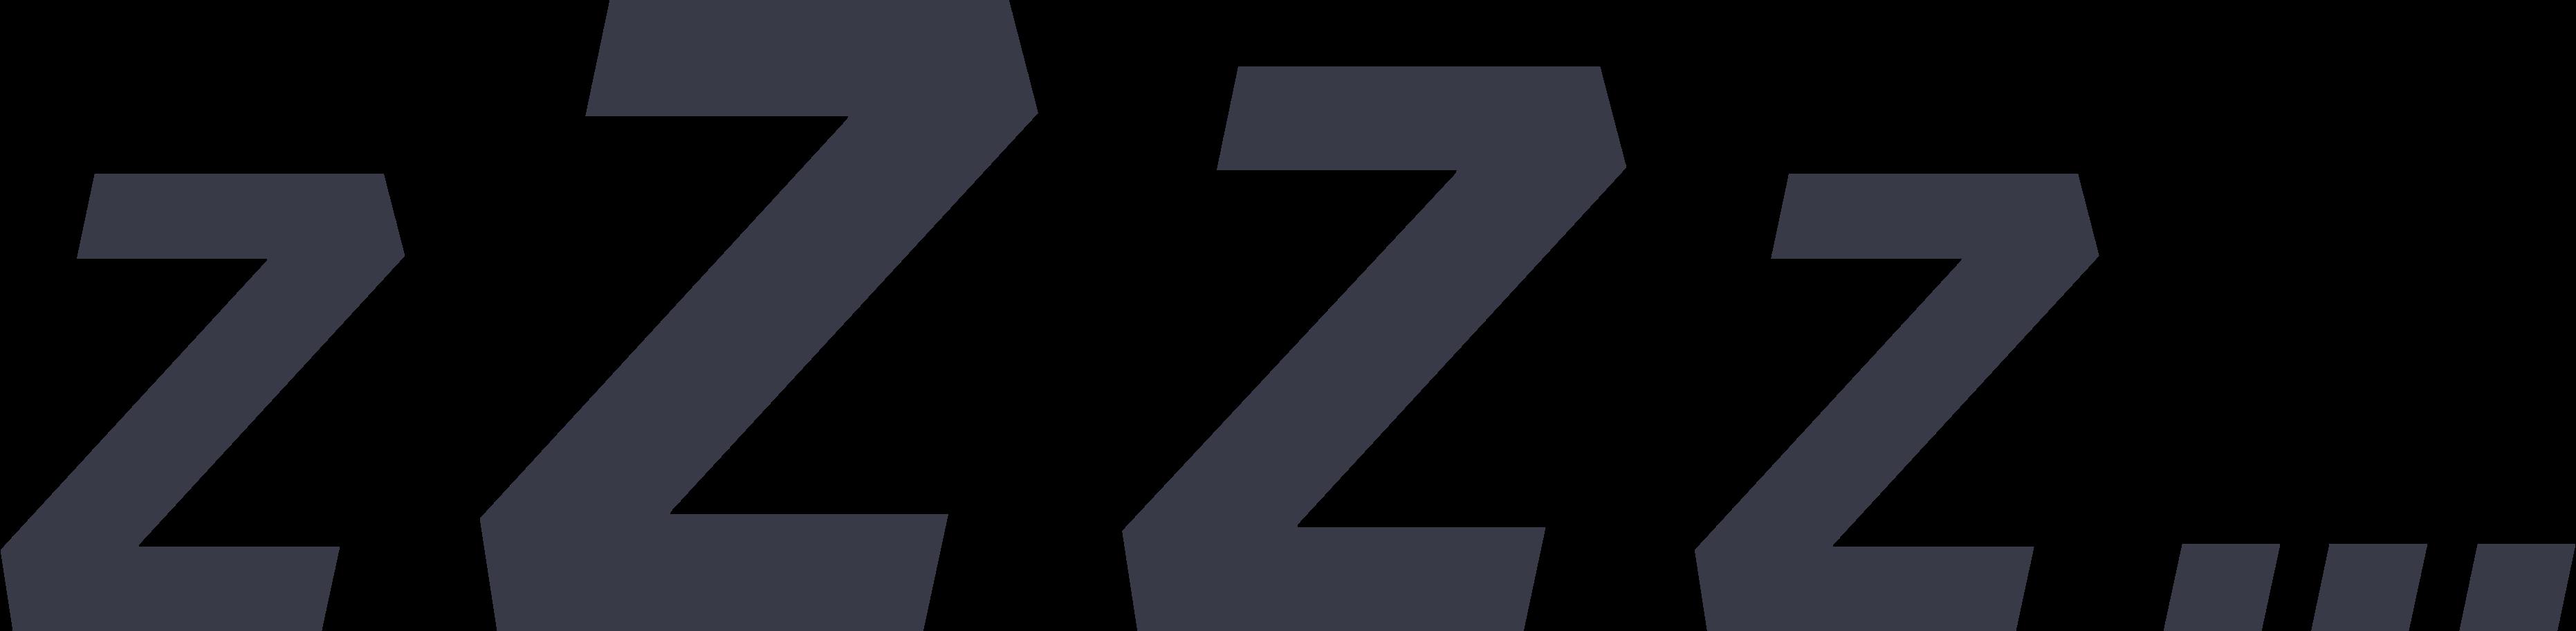 PNGとSVGの  スタイルの zzz .. ベクターイメージ   Icons8 イラスト